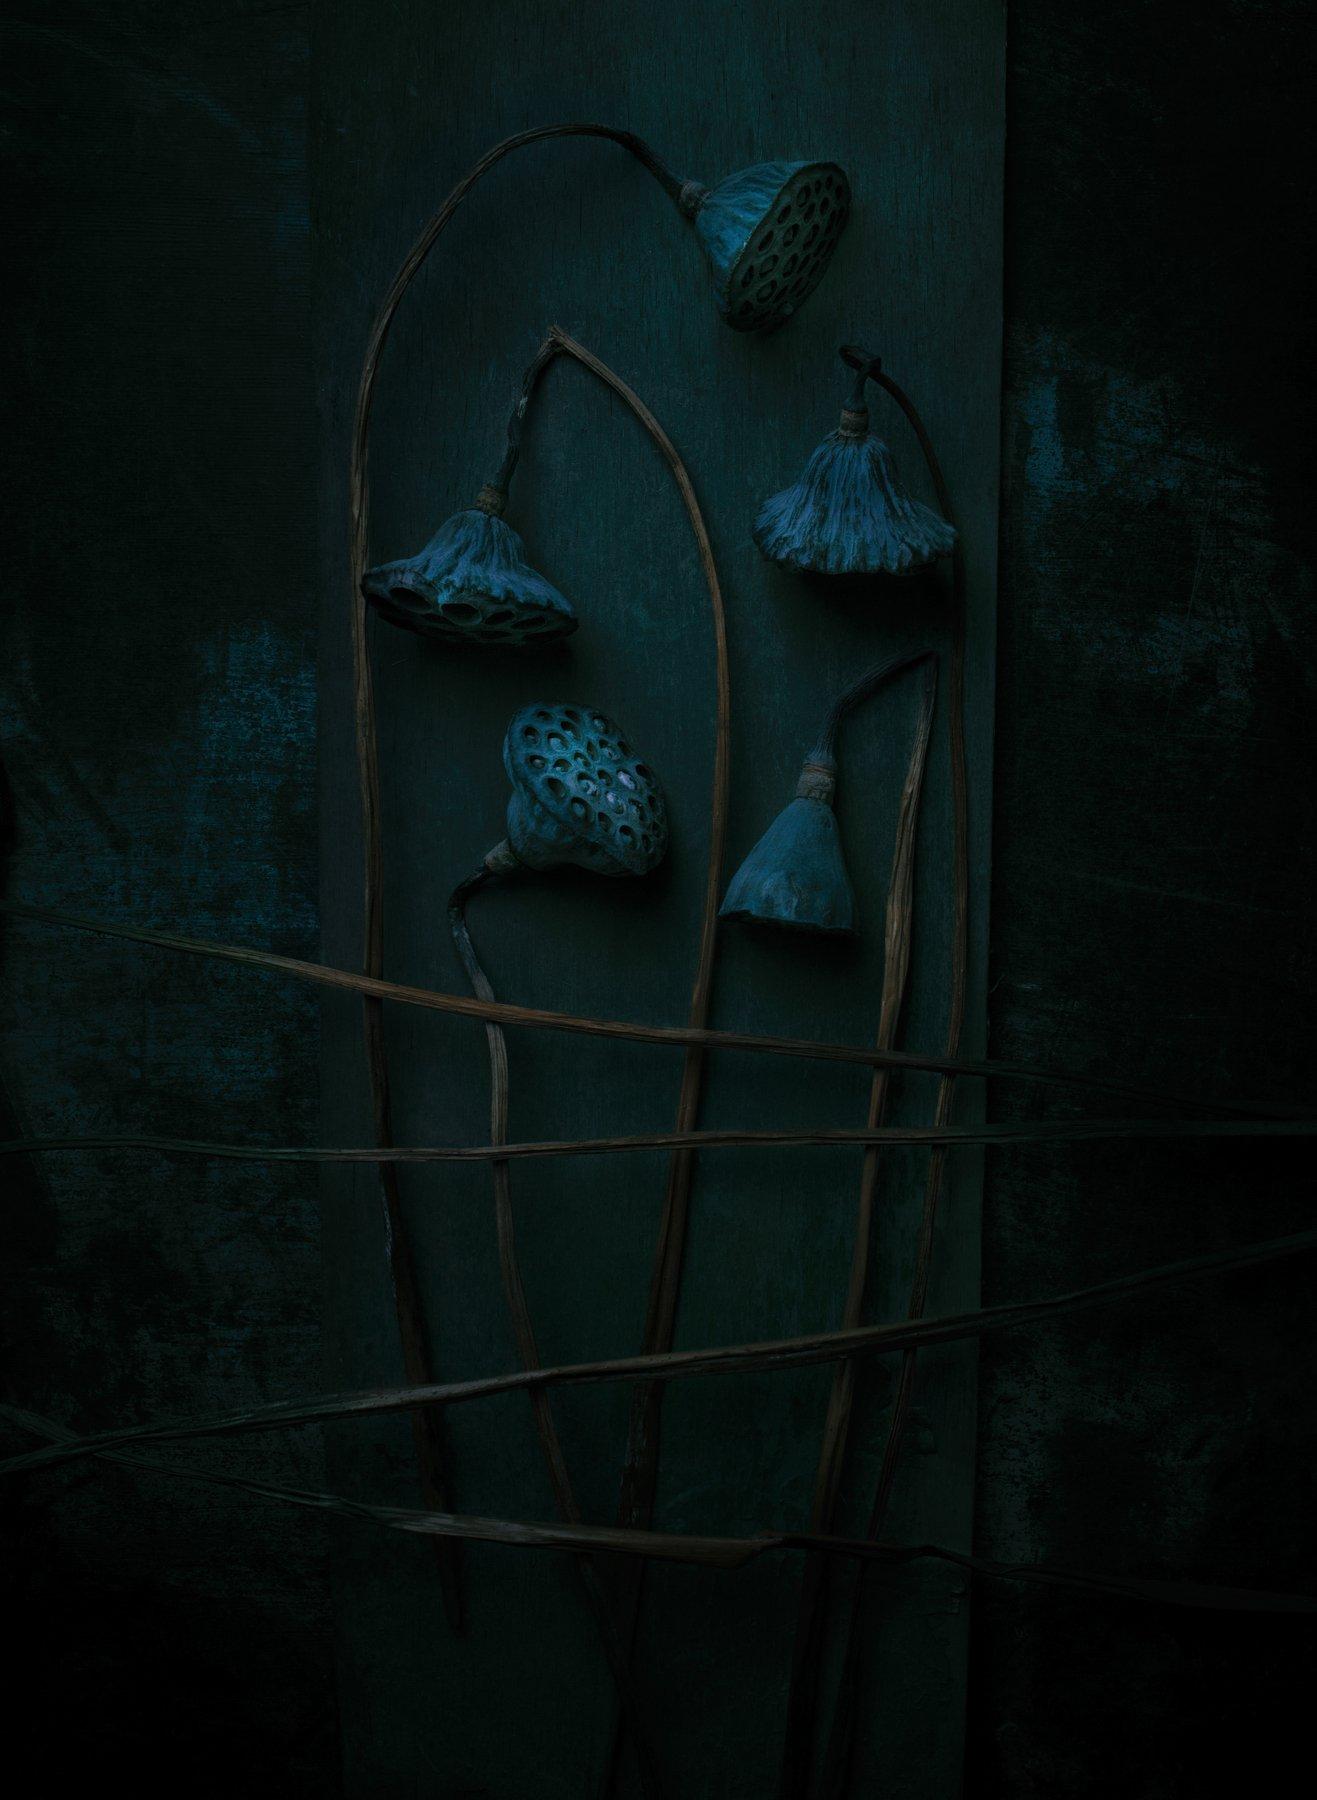 лотос, цветы, сухоцвет, натюрморт,, Наталья Голубева